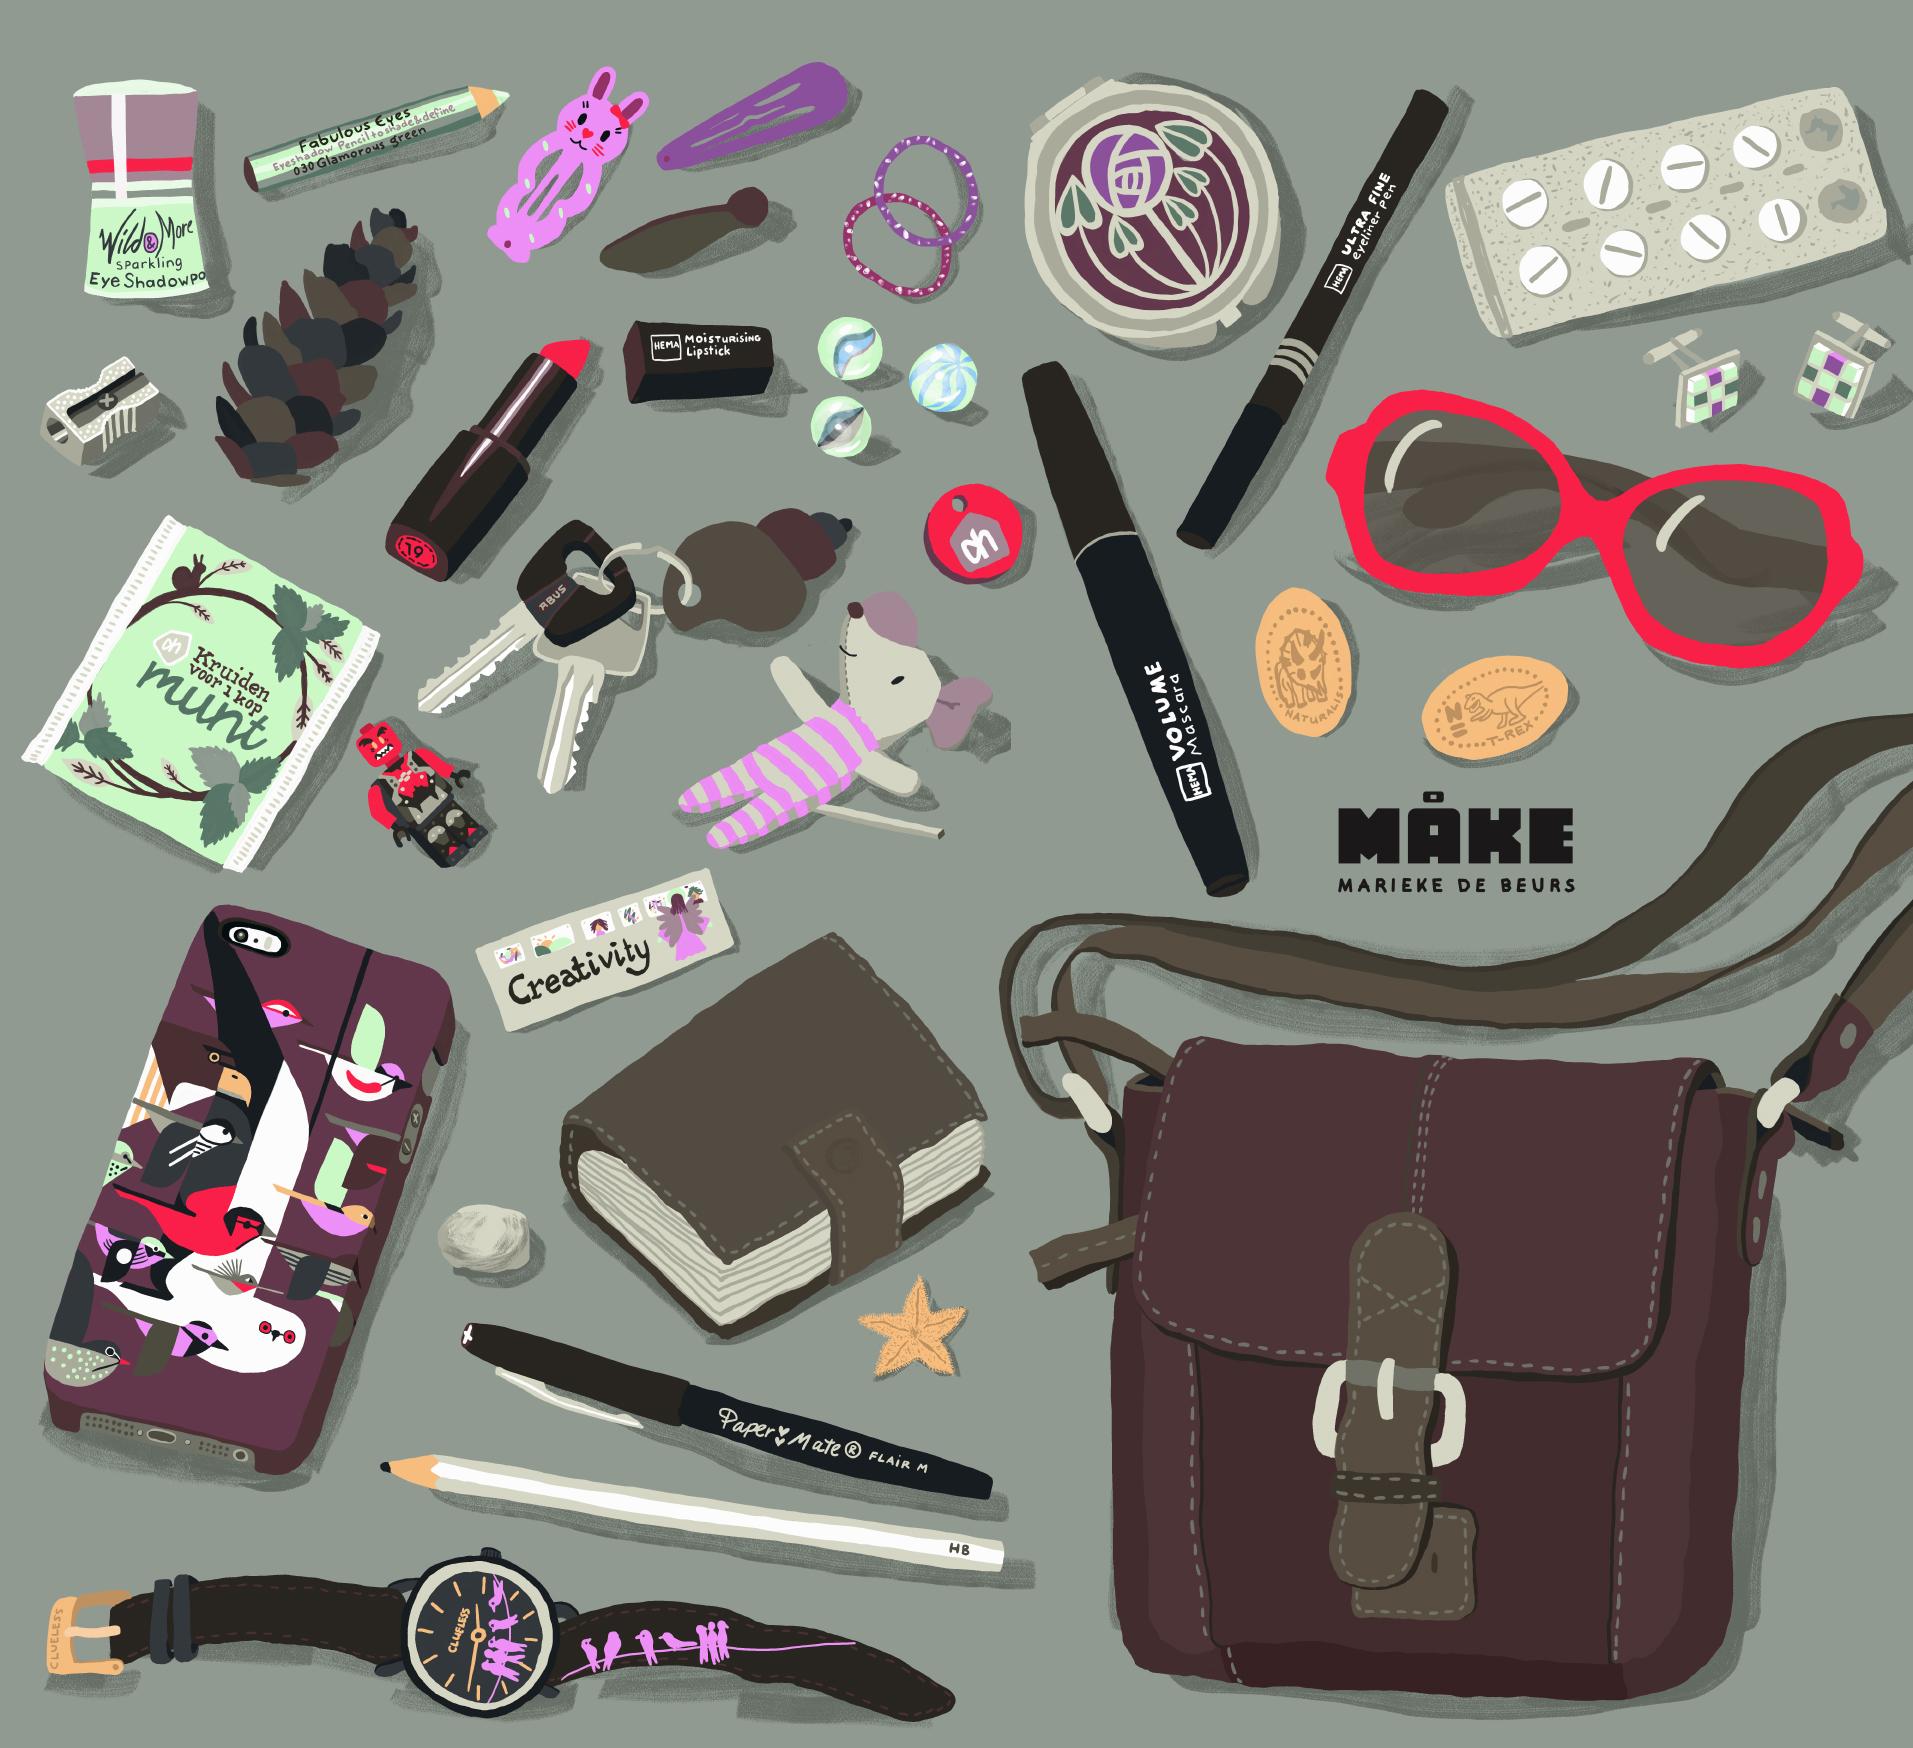 Stuff_in_my_bag_bigger_DEFDEF-zondertekst_72.jpg